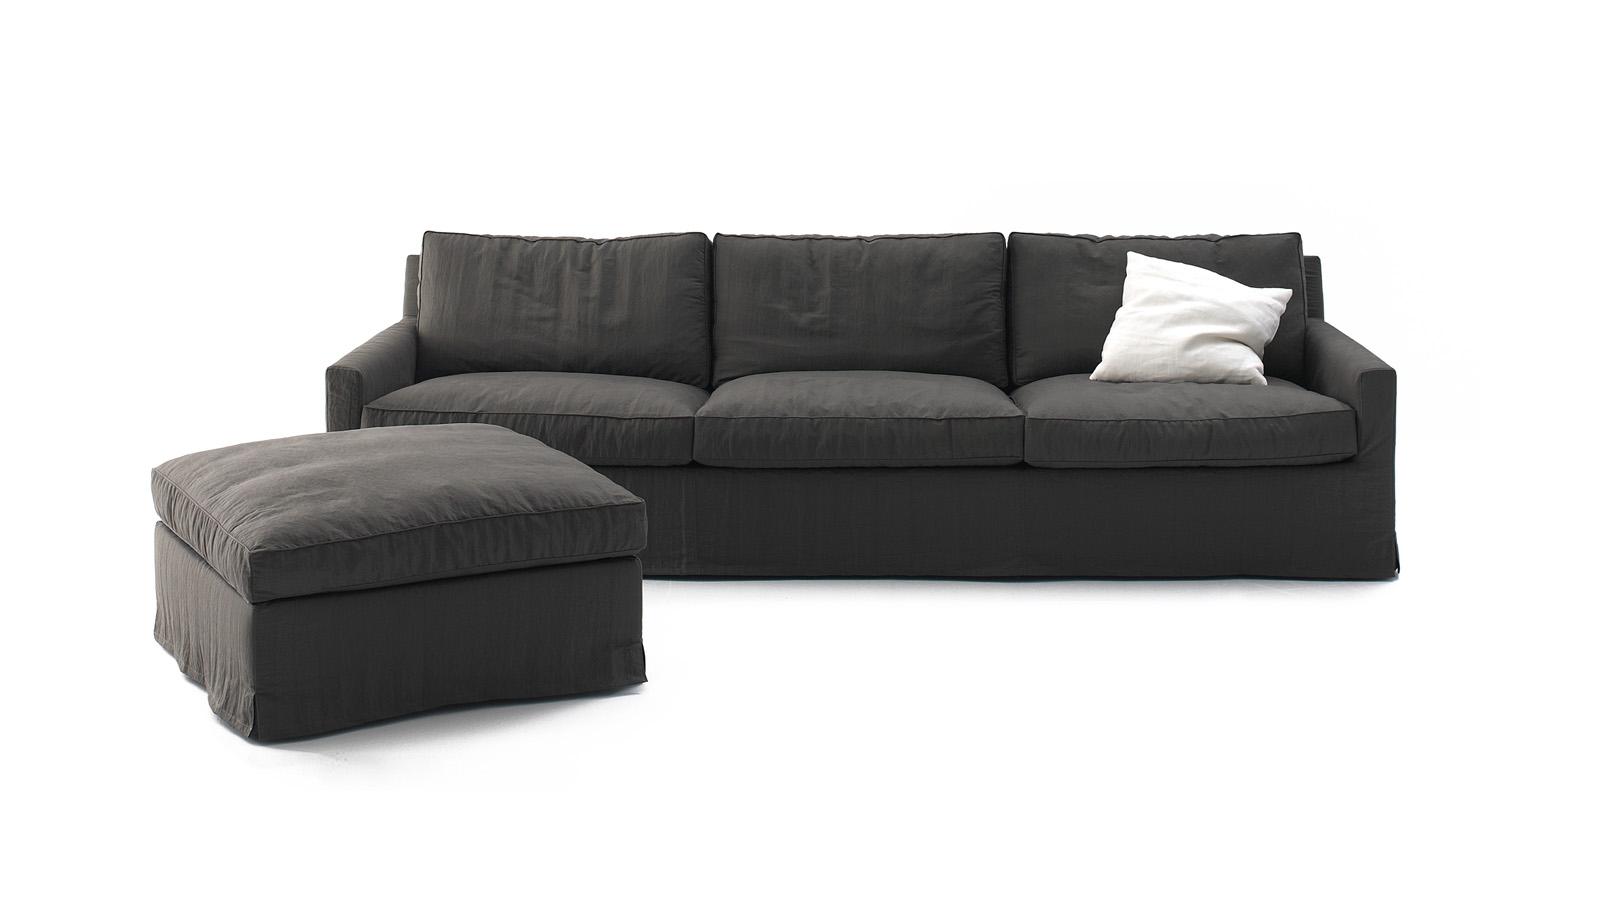 TinnappelMetz-arflex-cousy-sofa-01